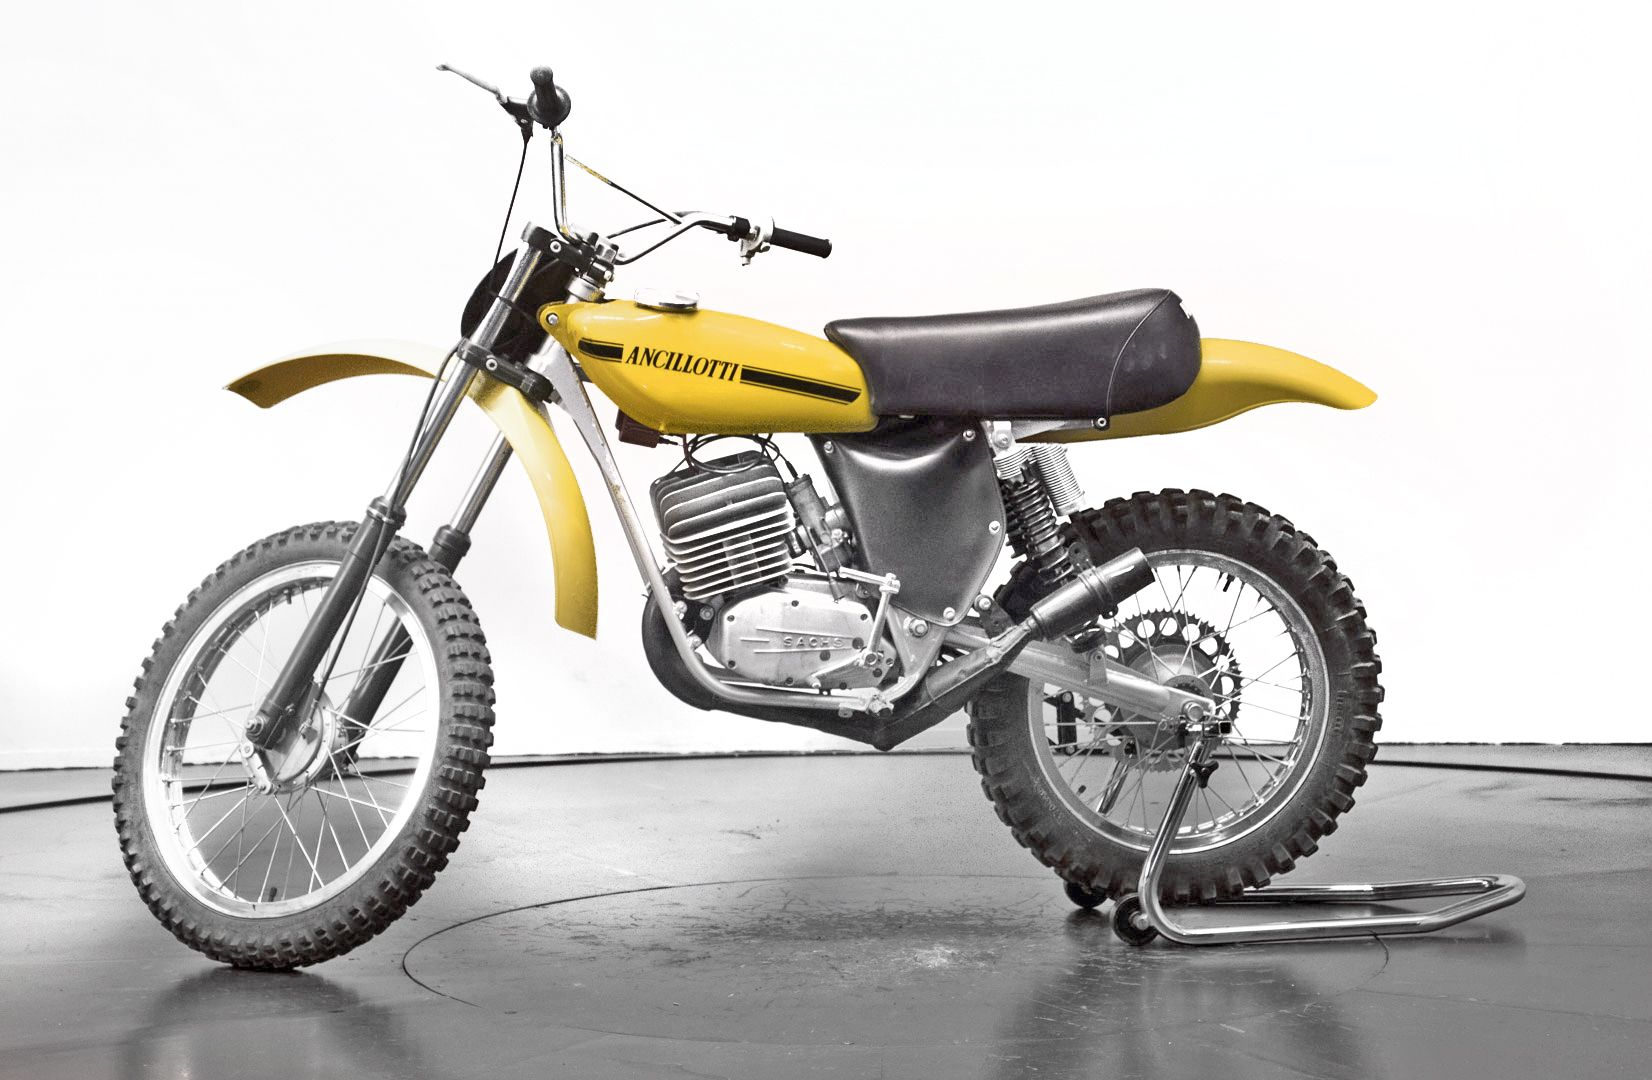 1978 Ancillotti 125 74228